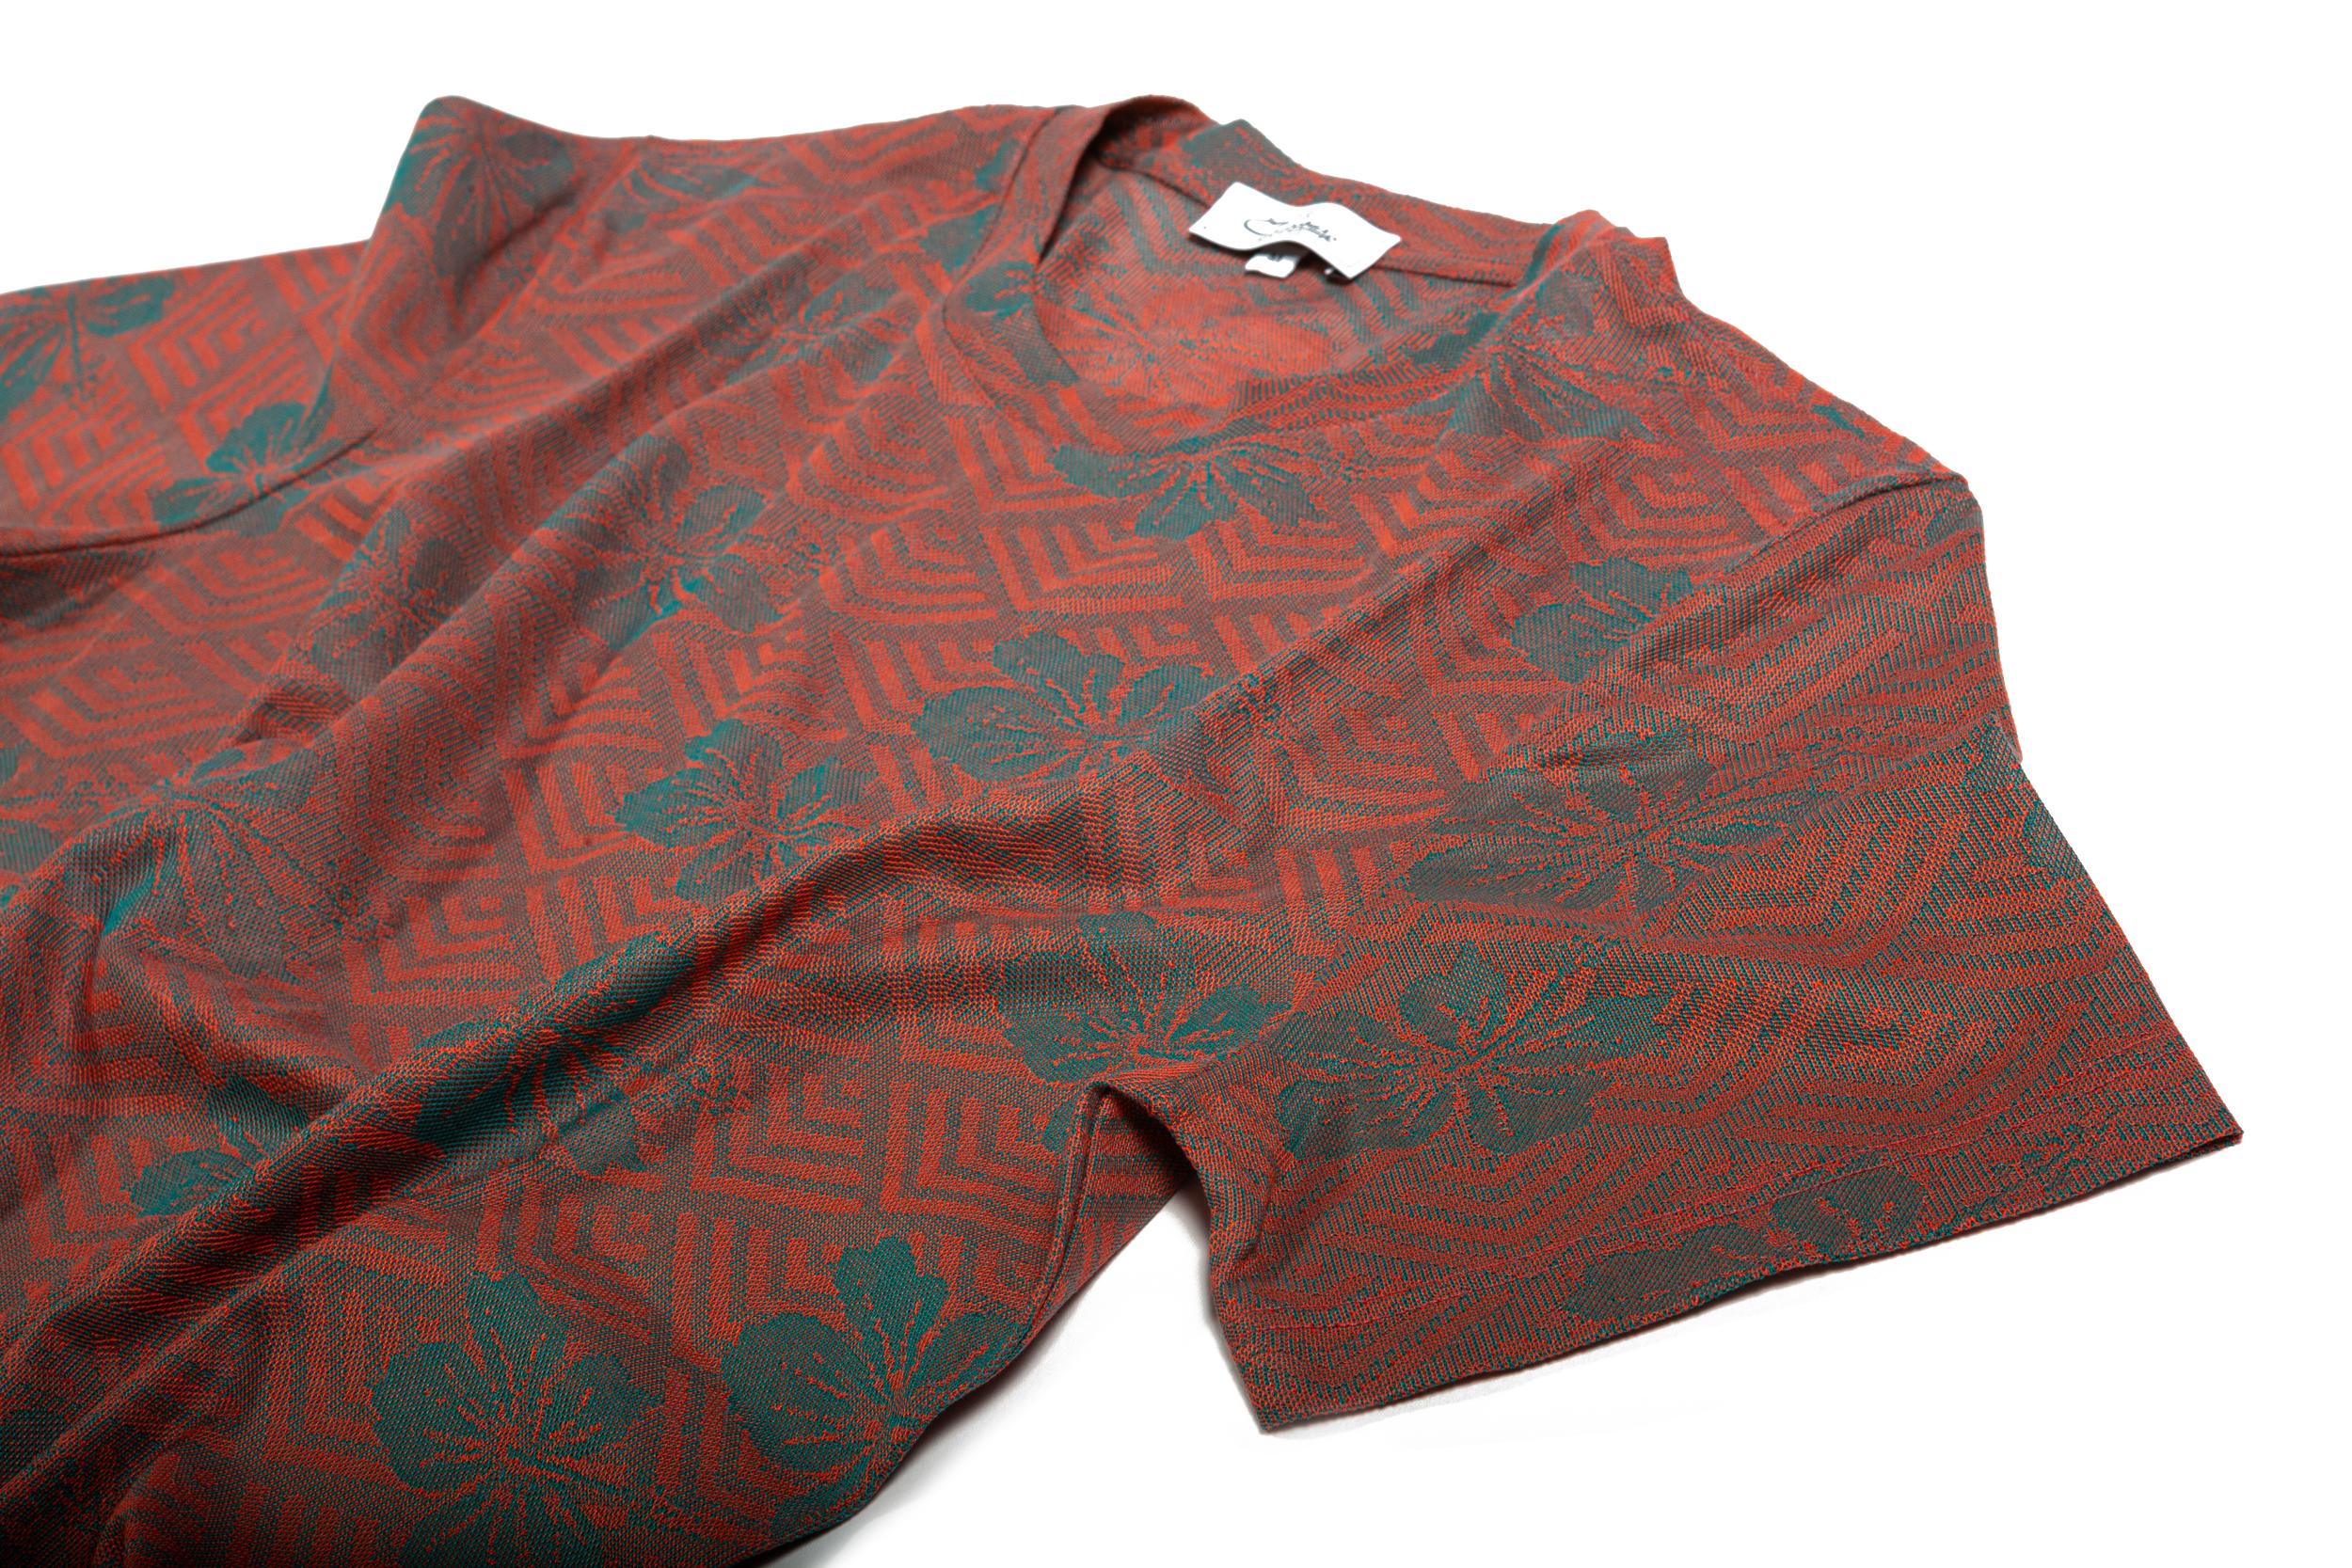 Girocollo maxi jacquard in cotone disegno fiore